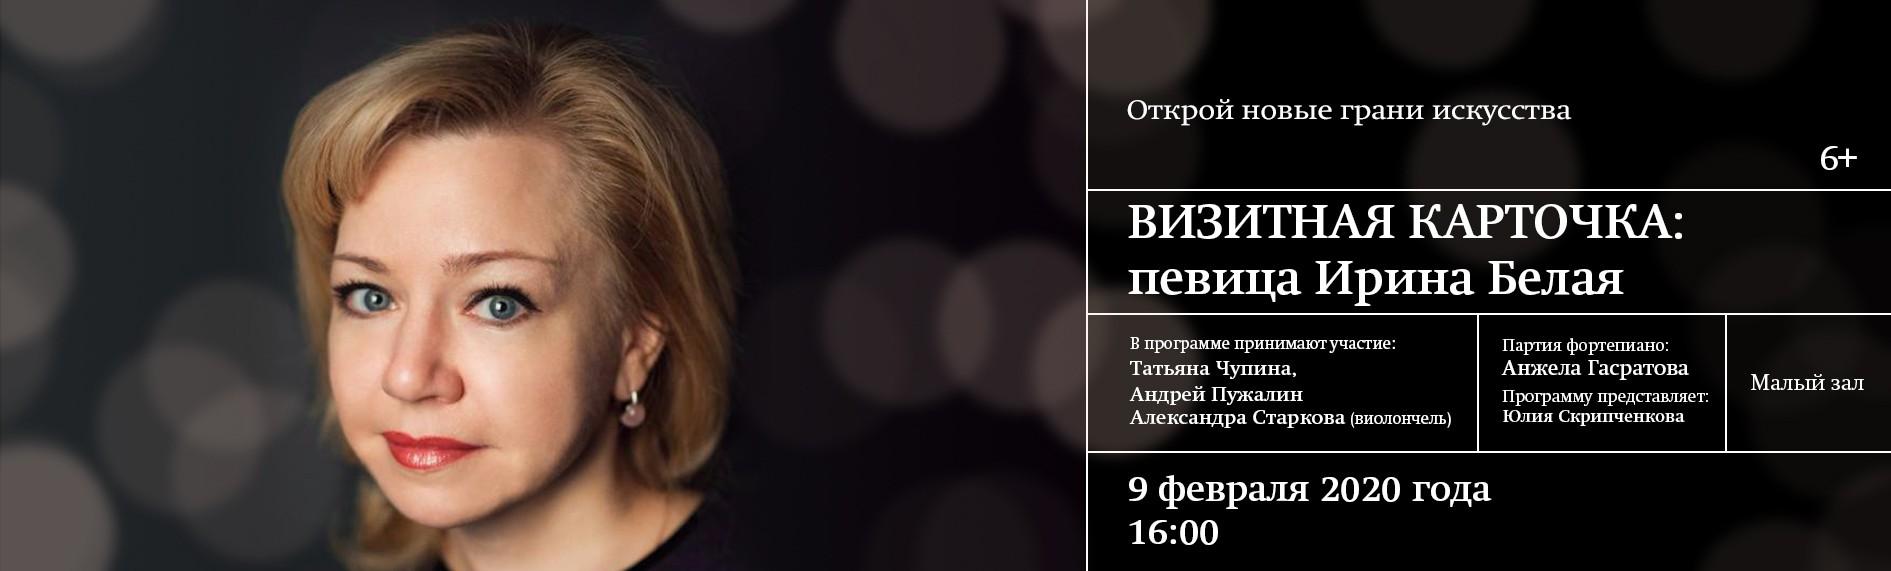 """Концерт """" Визитная карточка: певица Ирина Белая"""""""